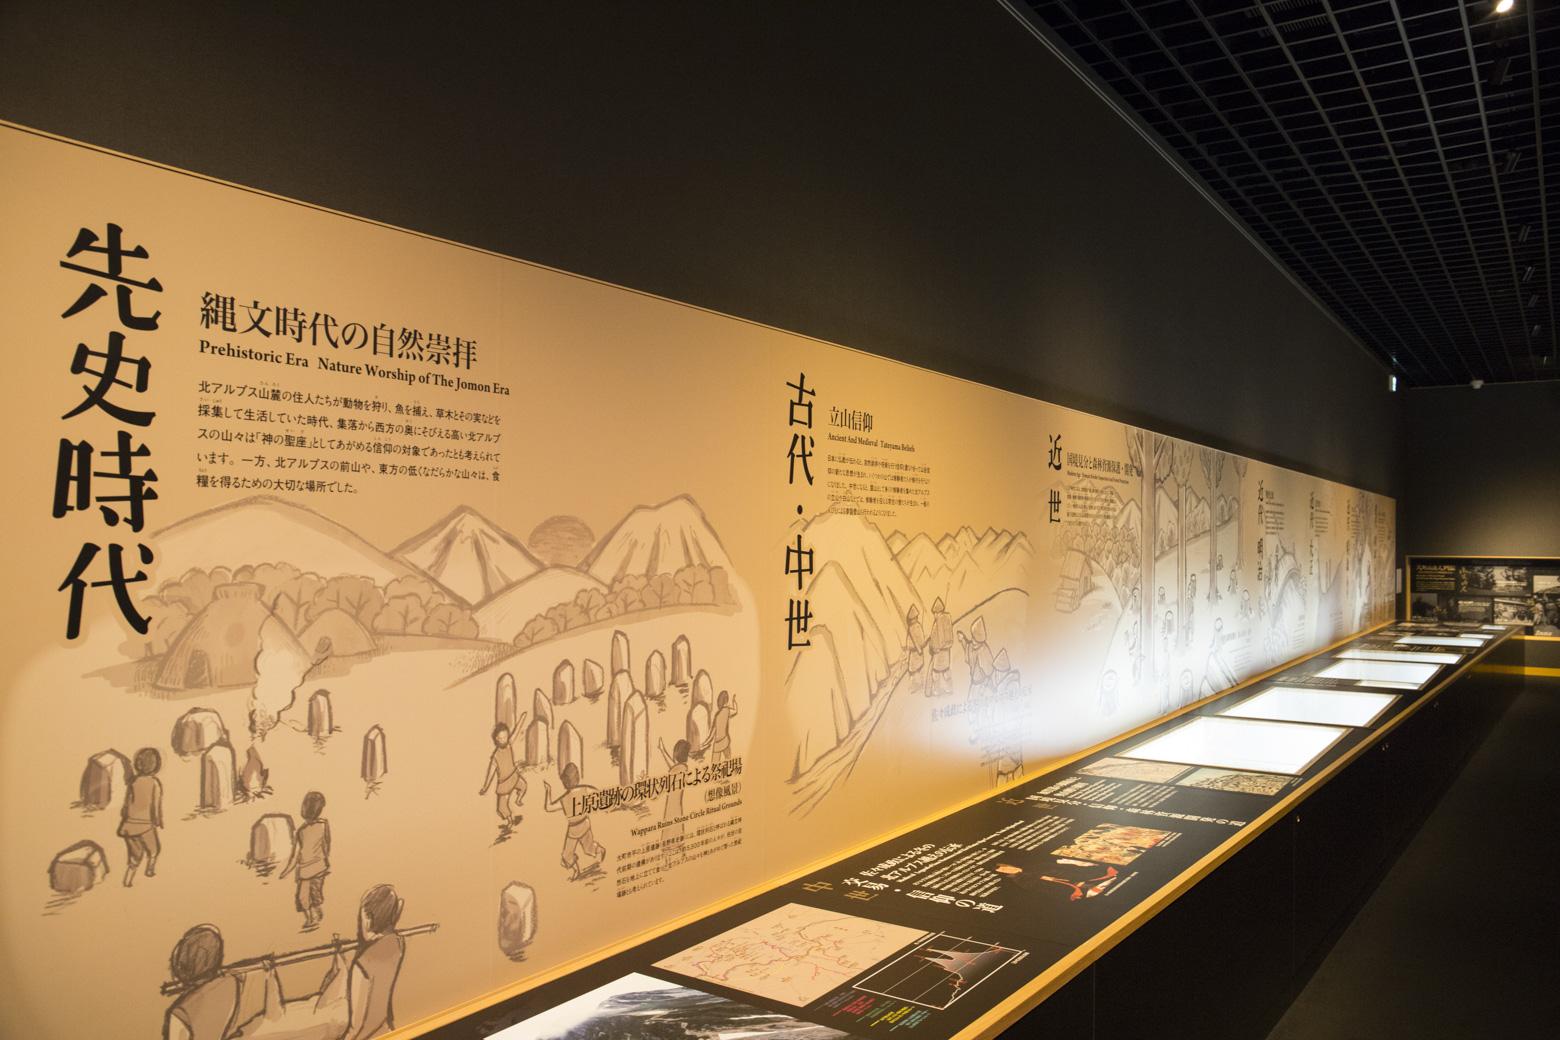 北アルプスと人との関わり展示